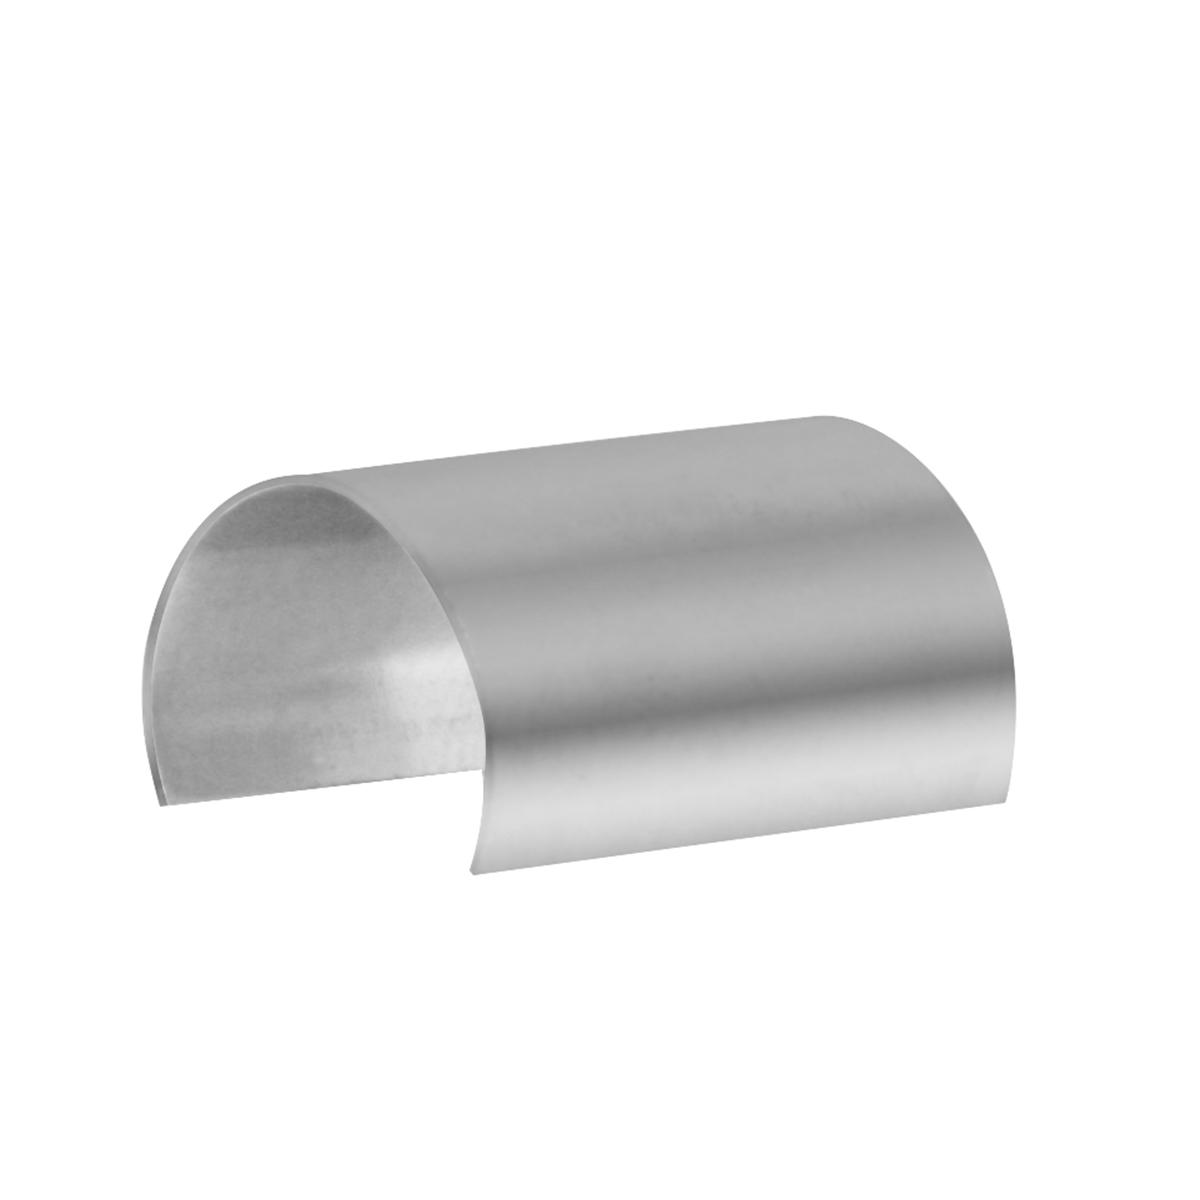 50170 FLT Stainless Steel Door Hinge Cover